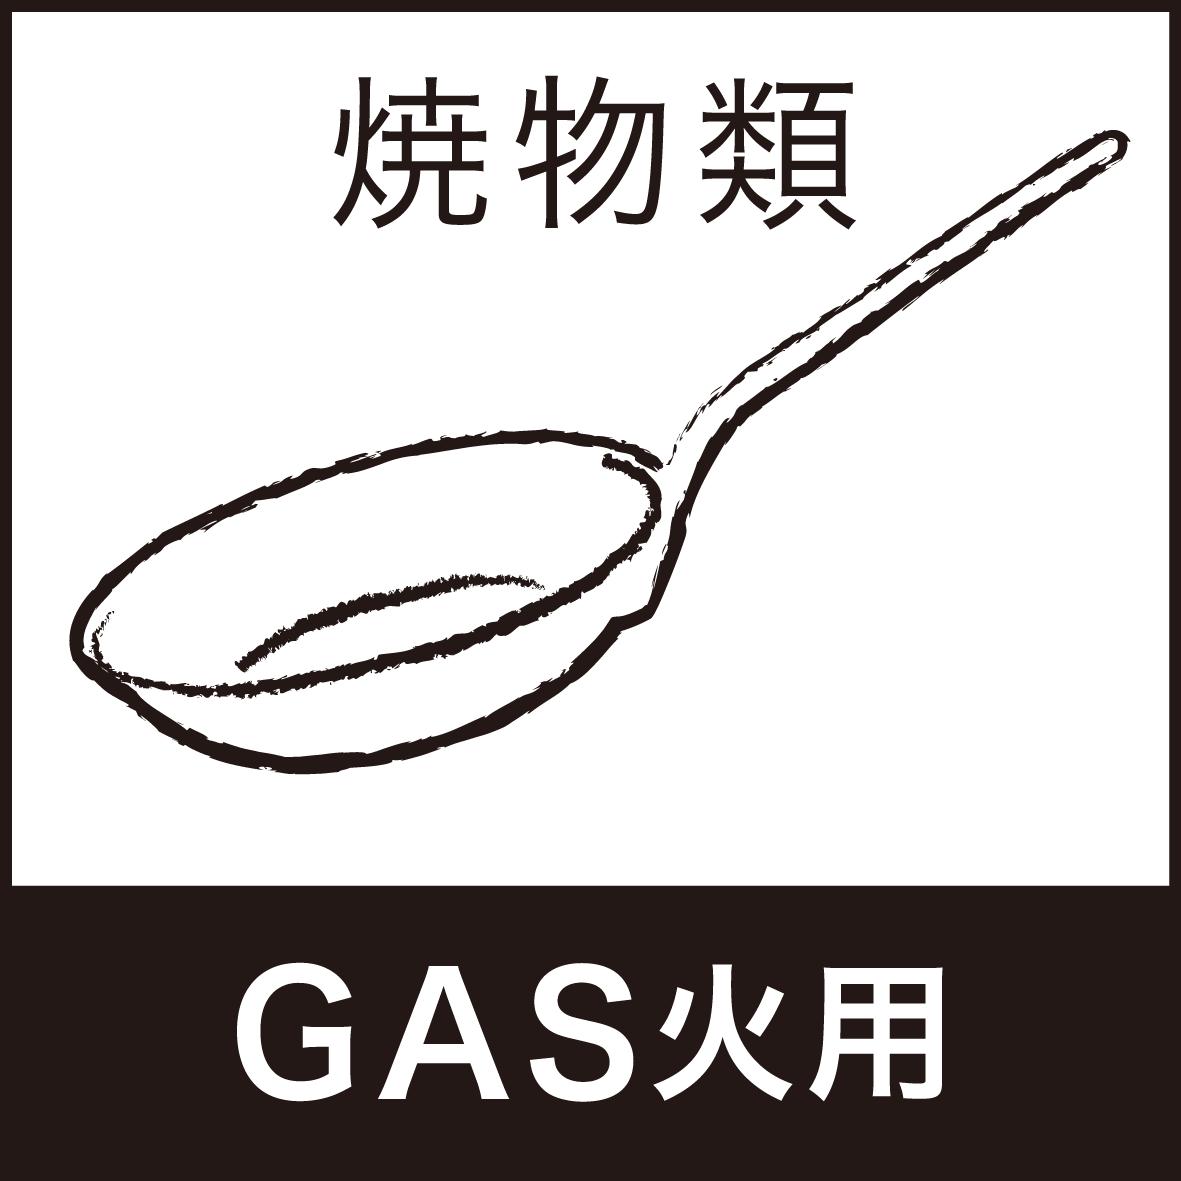 家庭用_ガス火焼物類ふっ素樹脂加工